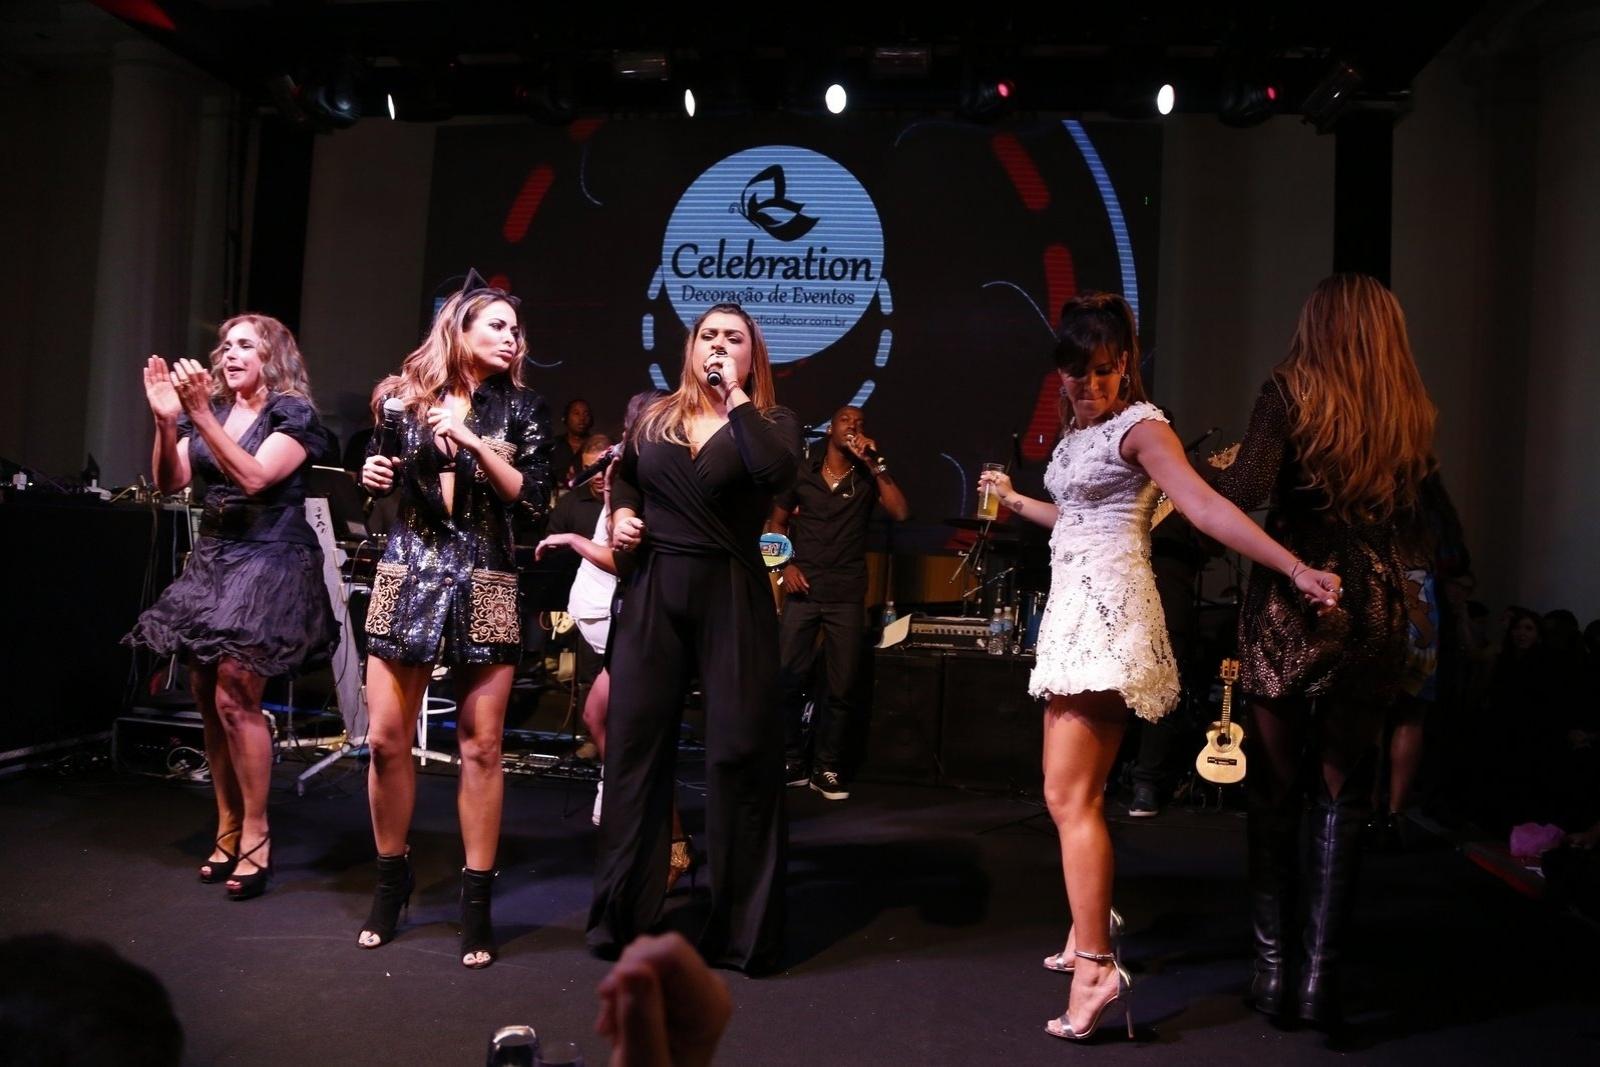 13.mar.2015 - Preta Gil agita a festa de aniversário da promoter Carol Sampaio e surpreende a plateia no Copacabana Palace Hotel, na zona sul do Rio de Janeiro, na noite desta sexta-feira